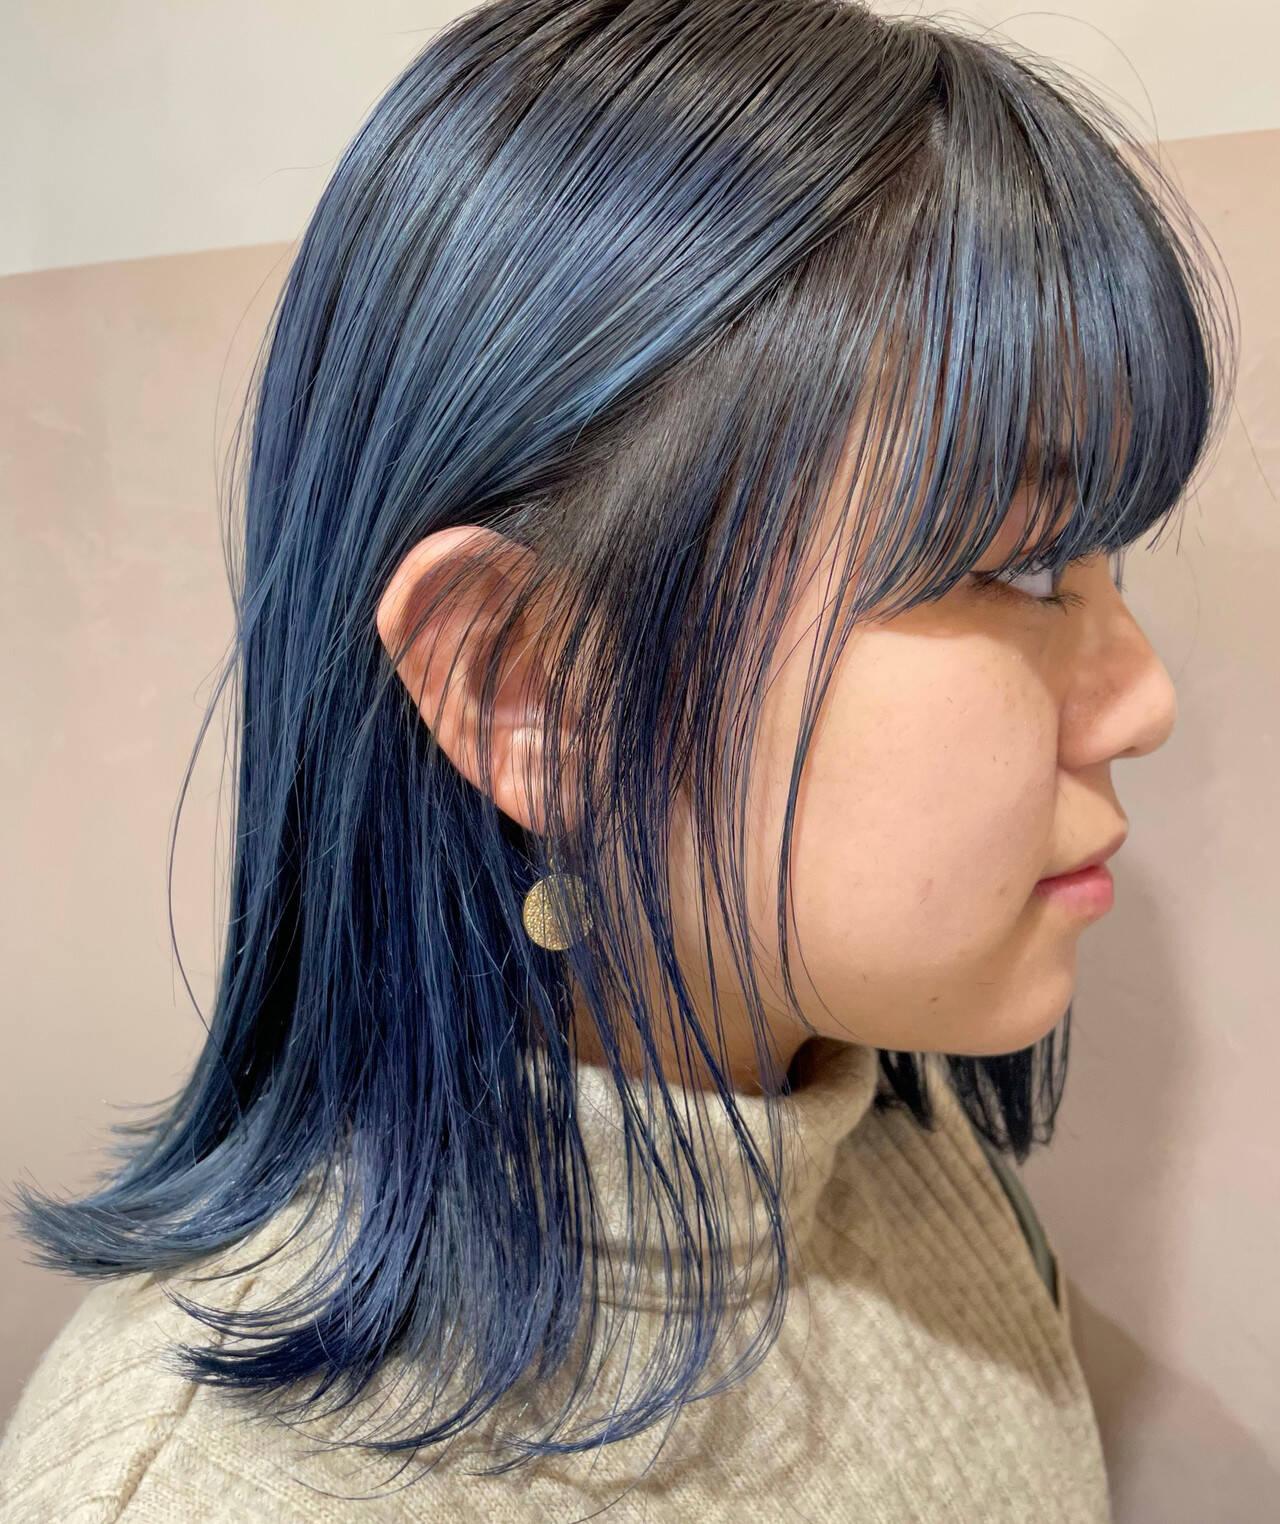 ブルーバイオレット ネイビーブルー ストリート ミディアムヘアスタイルや髪型の写真・画像